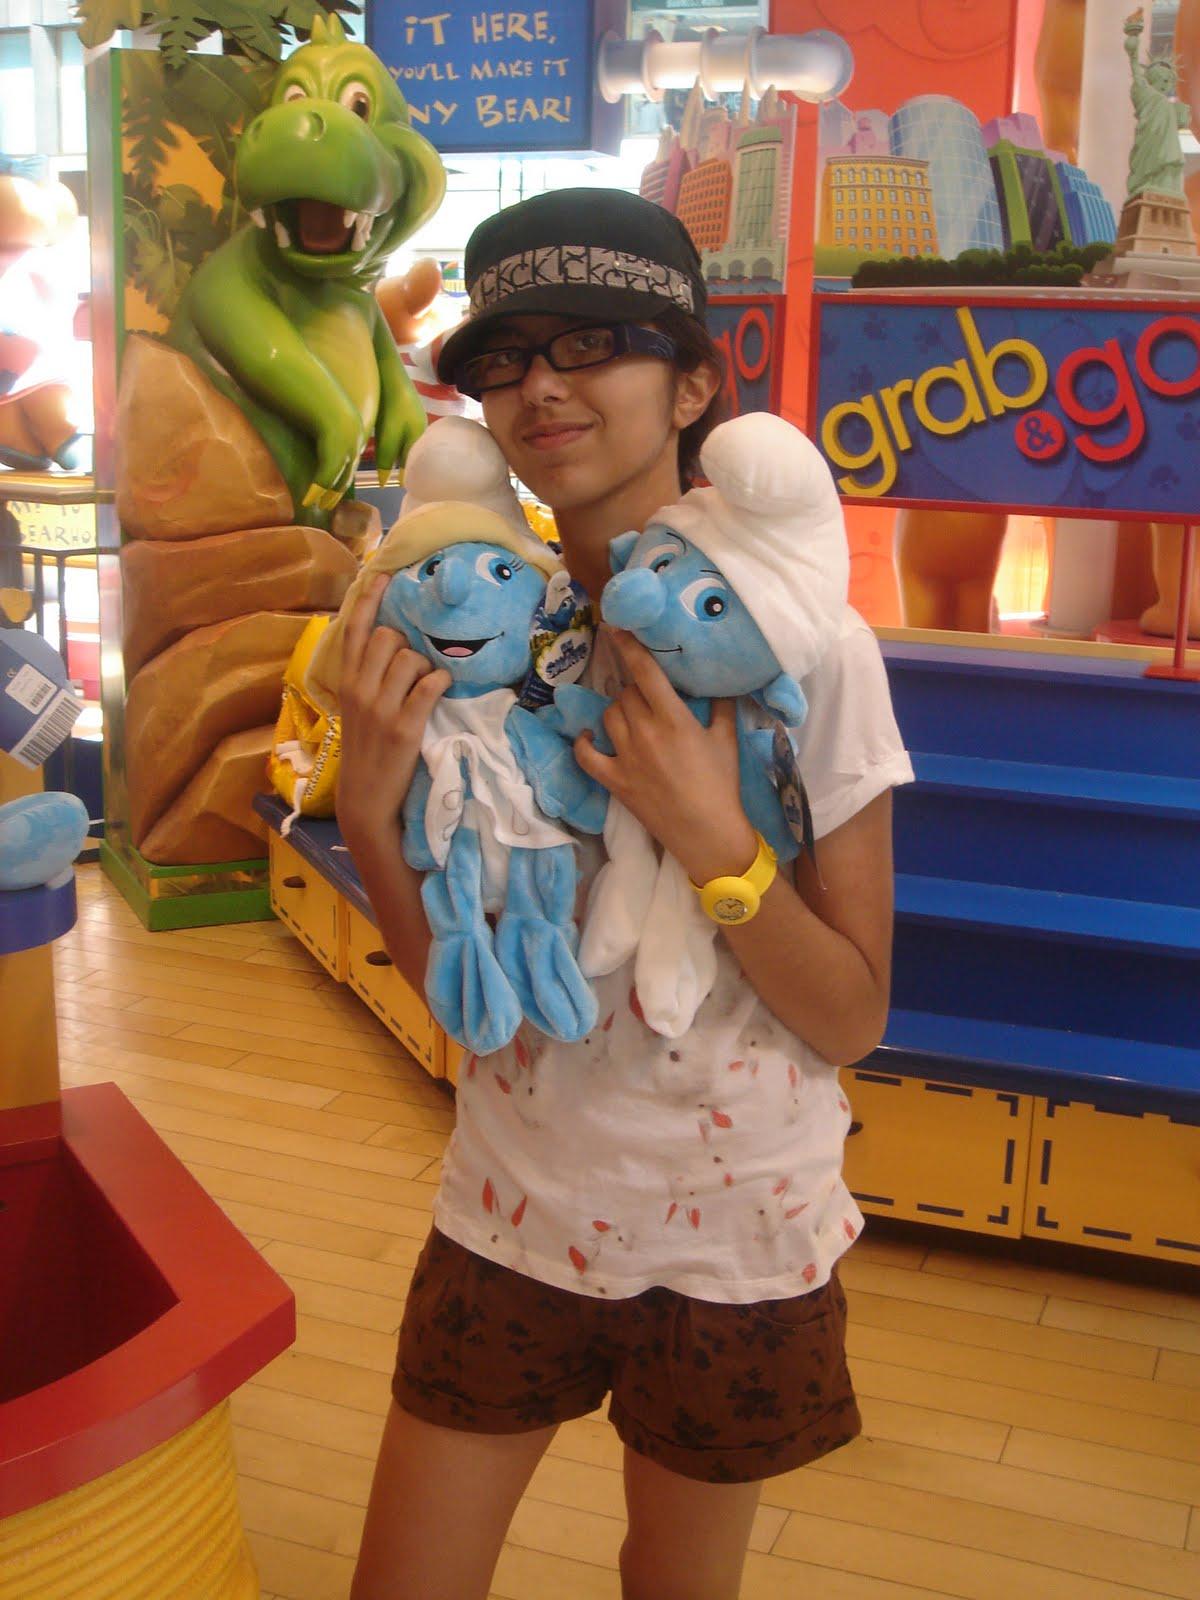 http://1.bp.blogspot.com/-4MOGm9Nhoo0/Tjo97eJLeYI/AAAAAAAAANk/sFwHGYggdh8/s1600/288.JPG